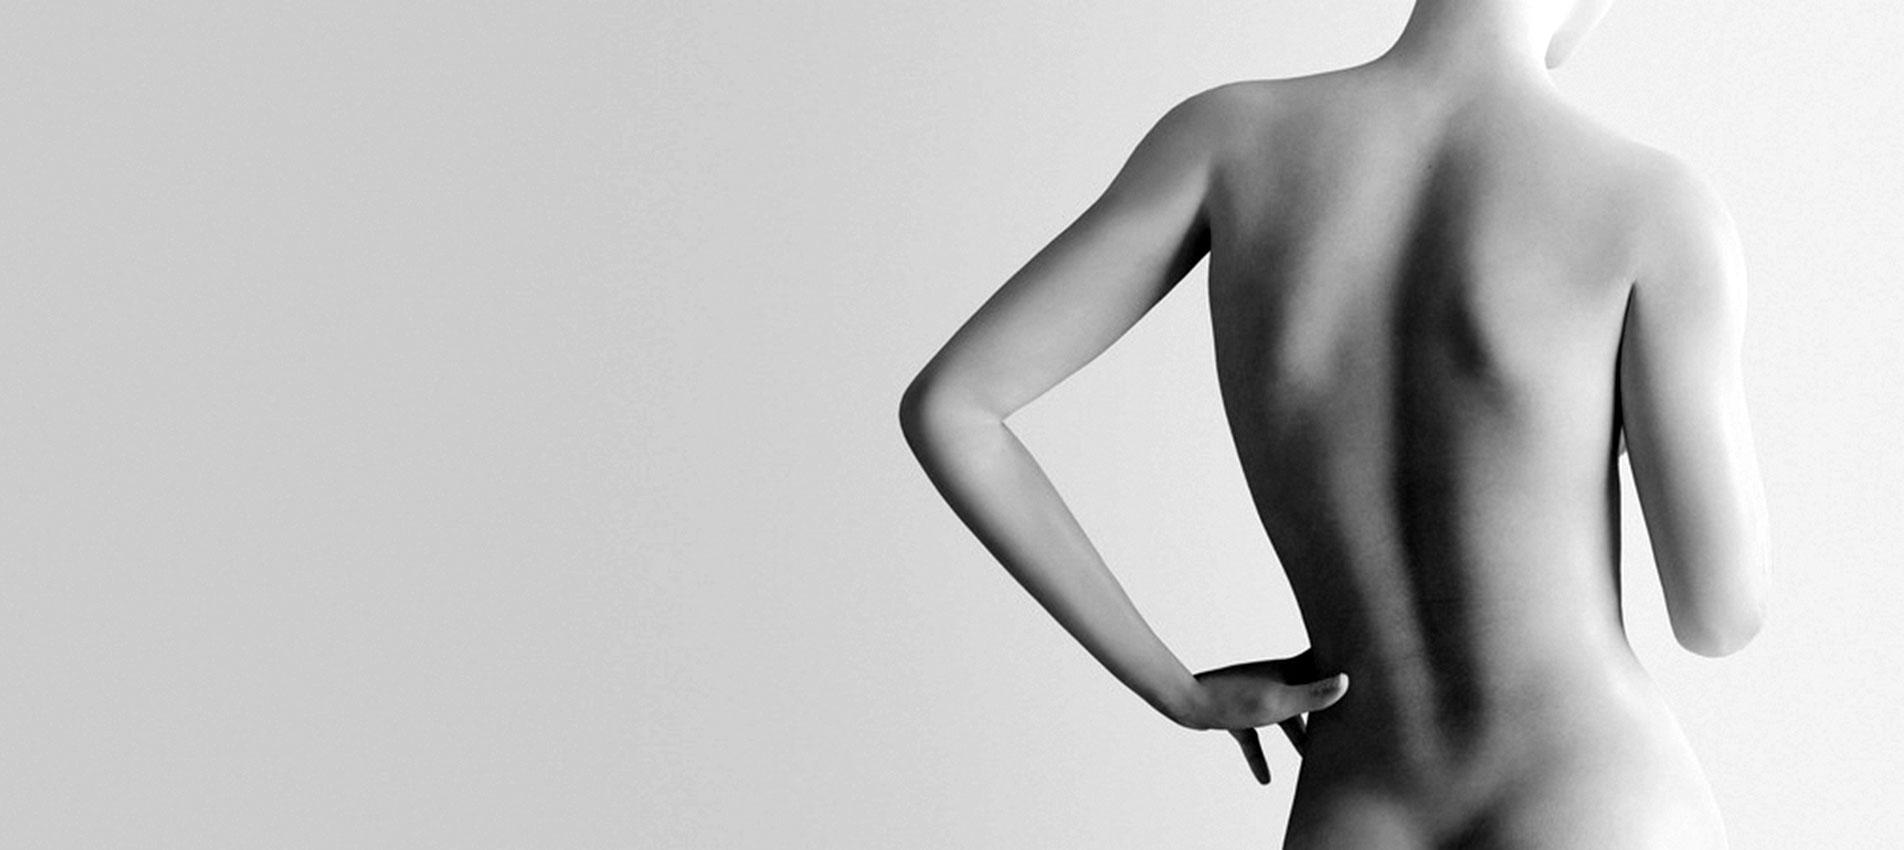 Chirurige esthétique de la silhouette à Paris - Dr Camille Ozil